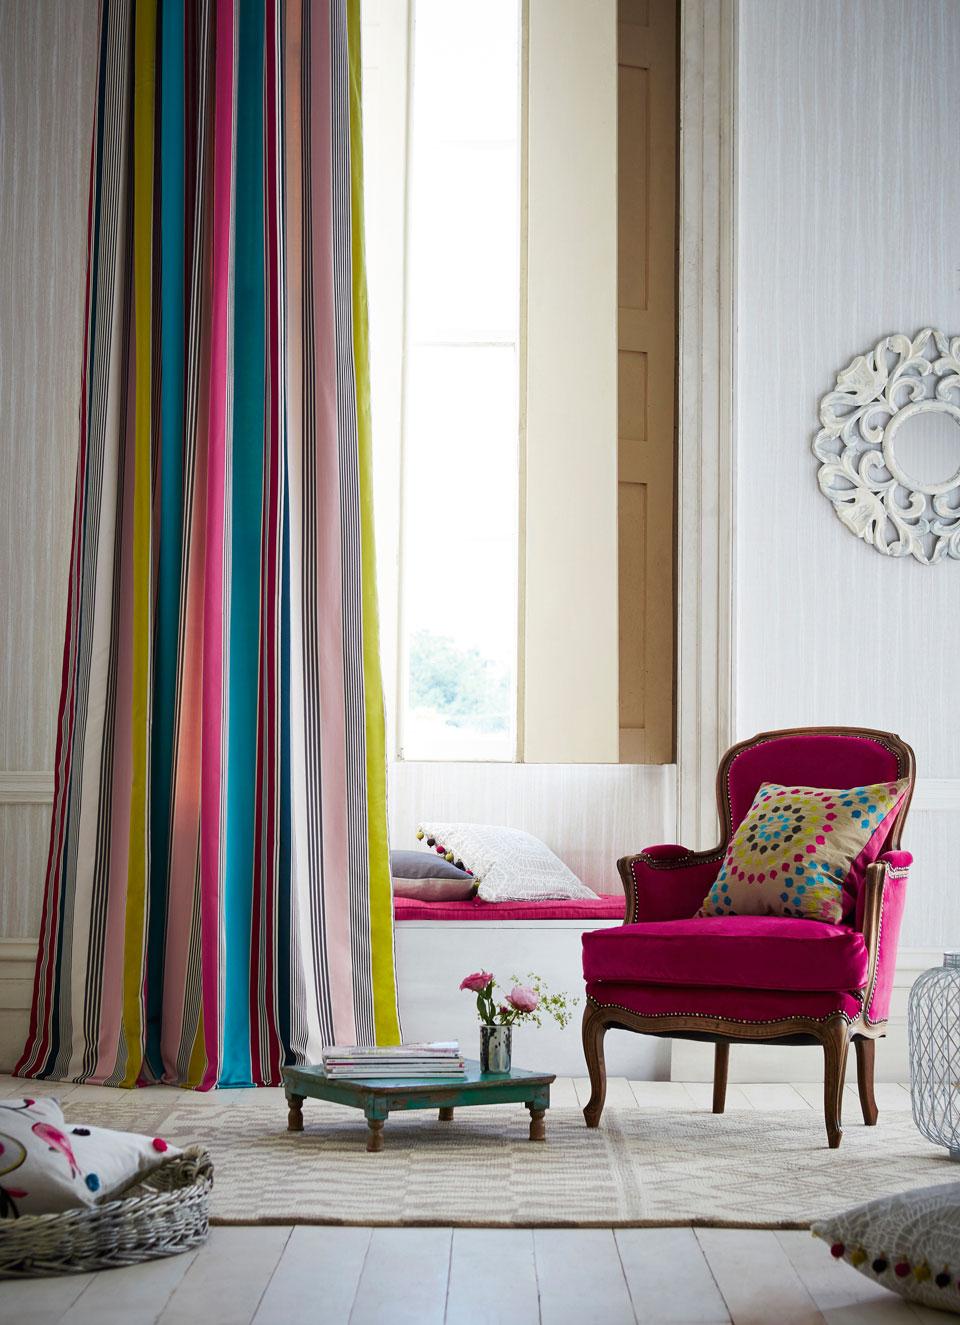 発色の美しい大胆なストライプのカーテン。インテリアの随所に赤を散りばめて、ドラマチックな空間を表現している。クッションや椅子の張り地の制作をオーダーすることもできる。